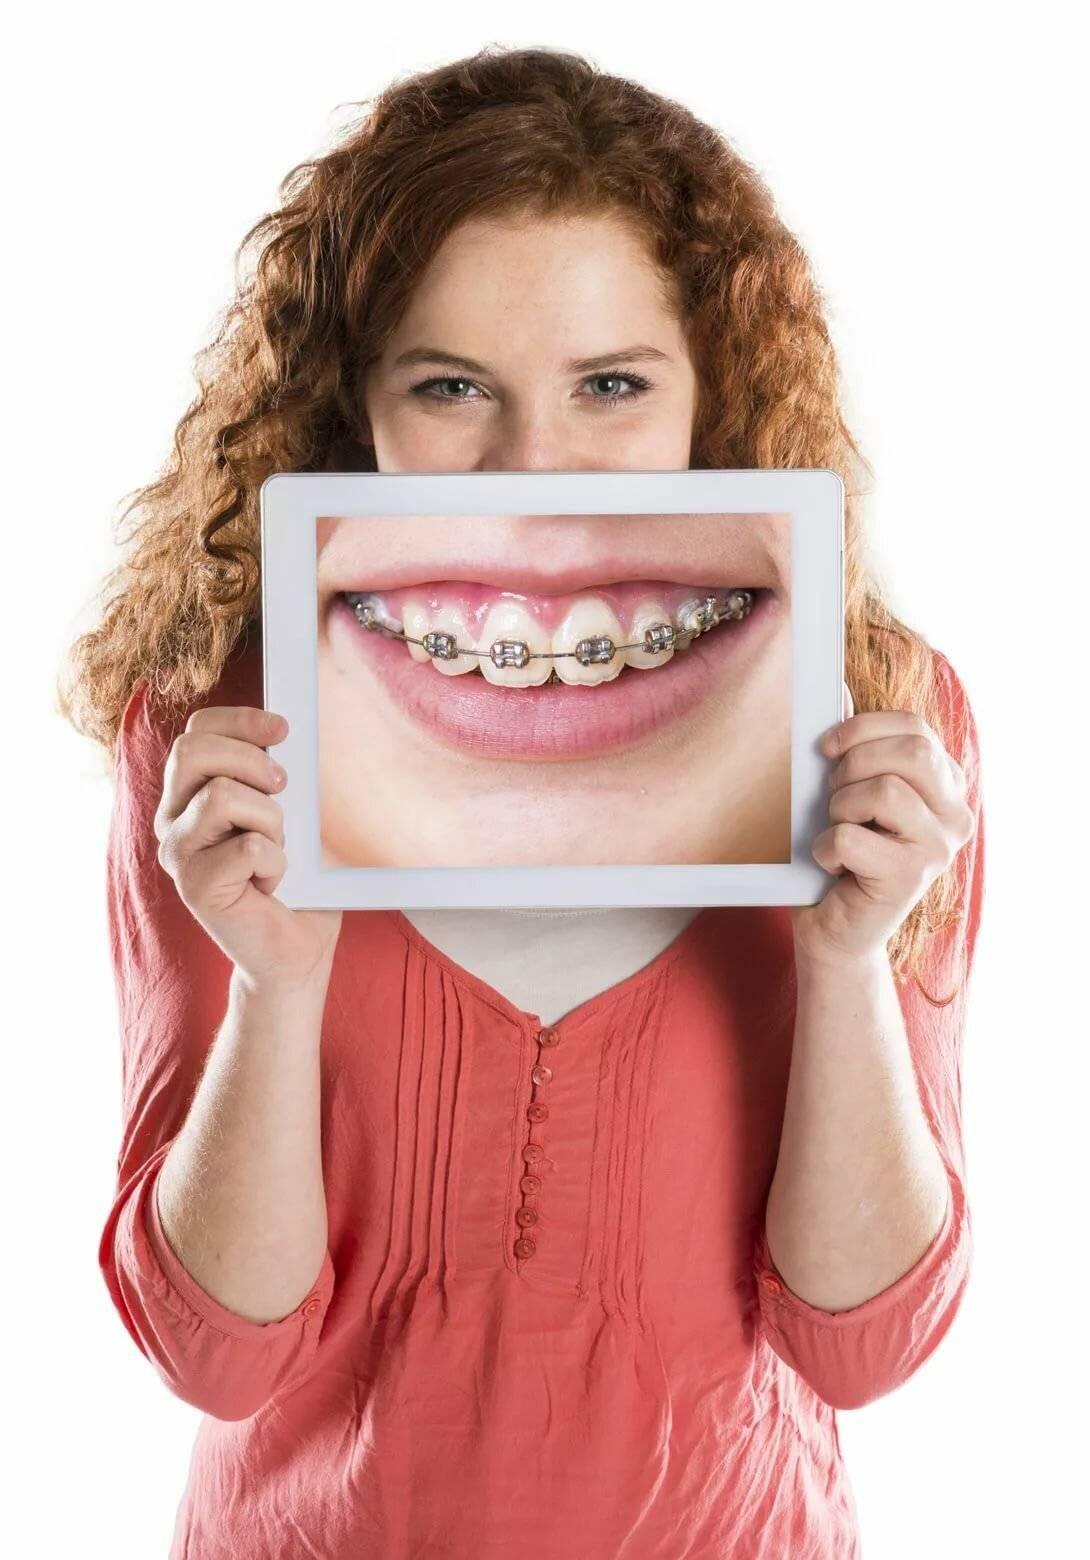 Детали съемных ортодонтических аппаратов